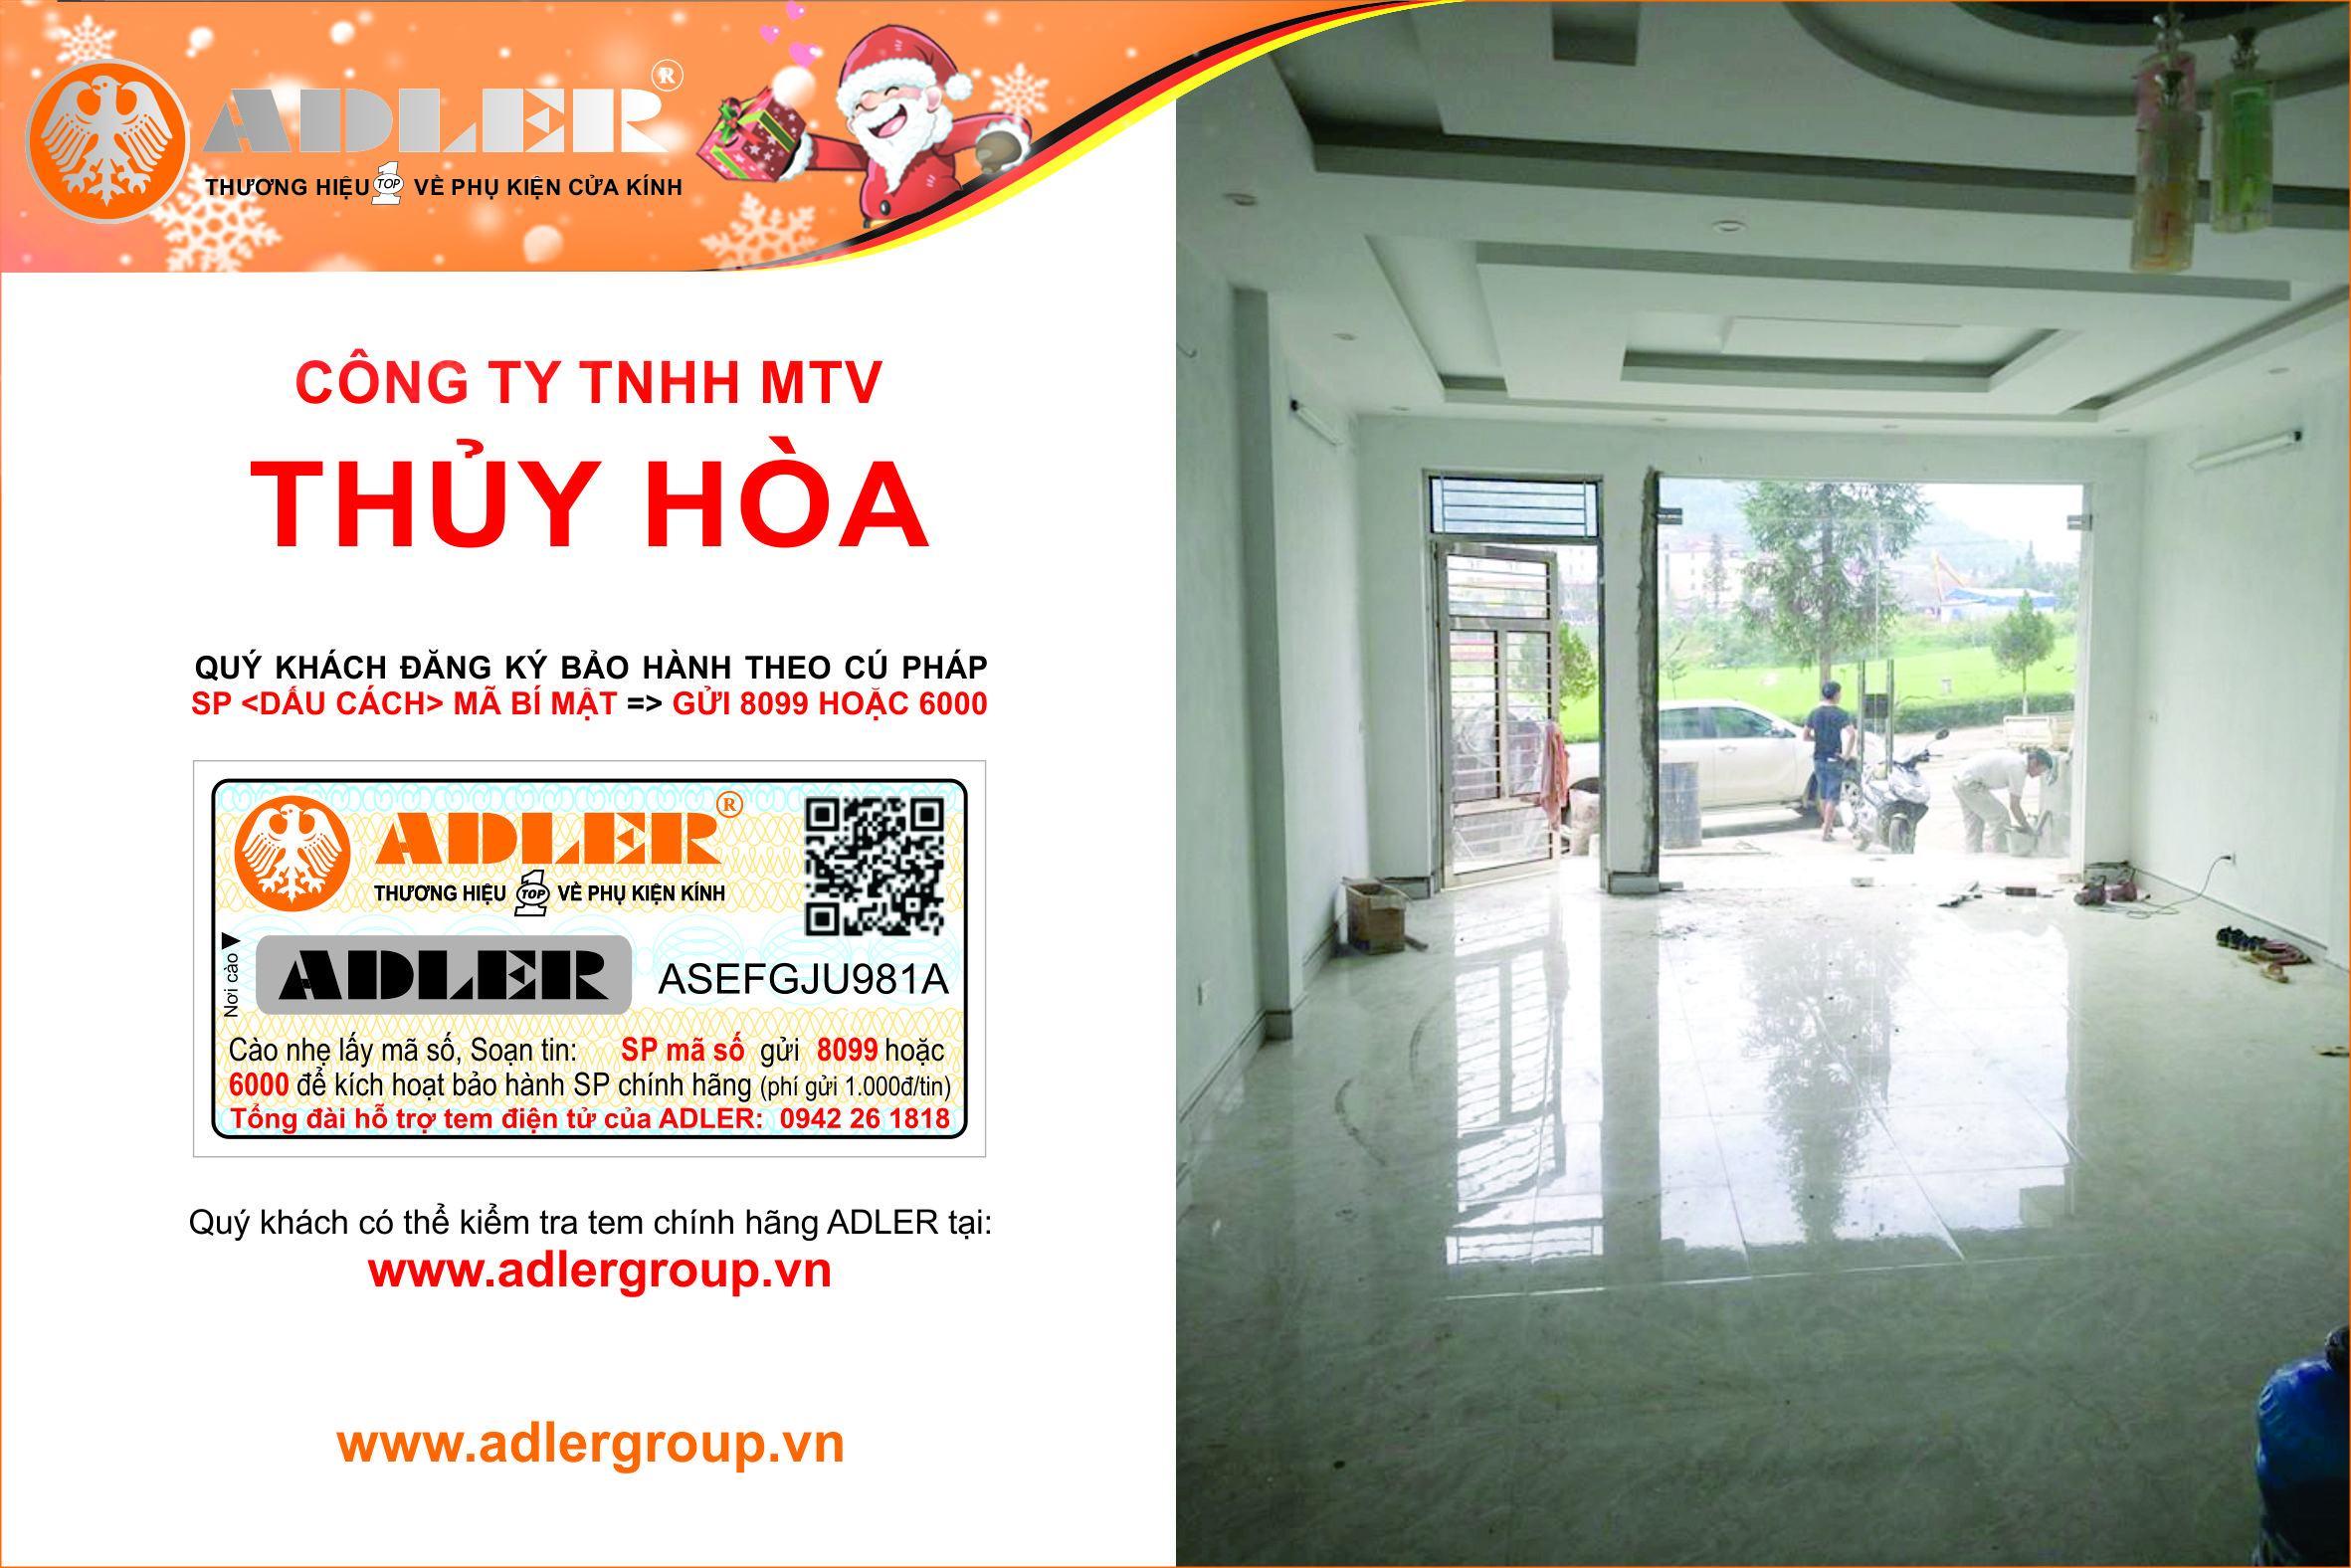 ADLER HOÀN BẢO HƠN CÙNG CÔNG TY TNHH MTV THỦY HÒA